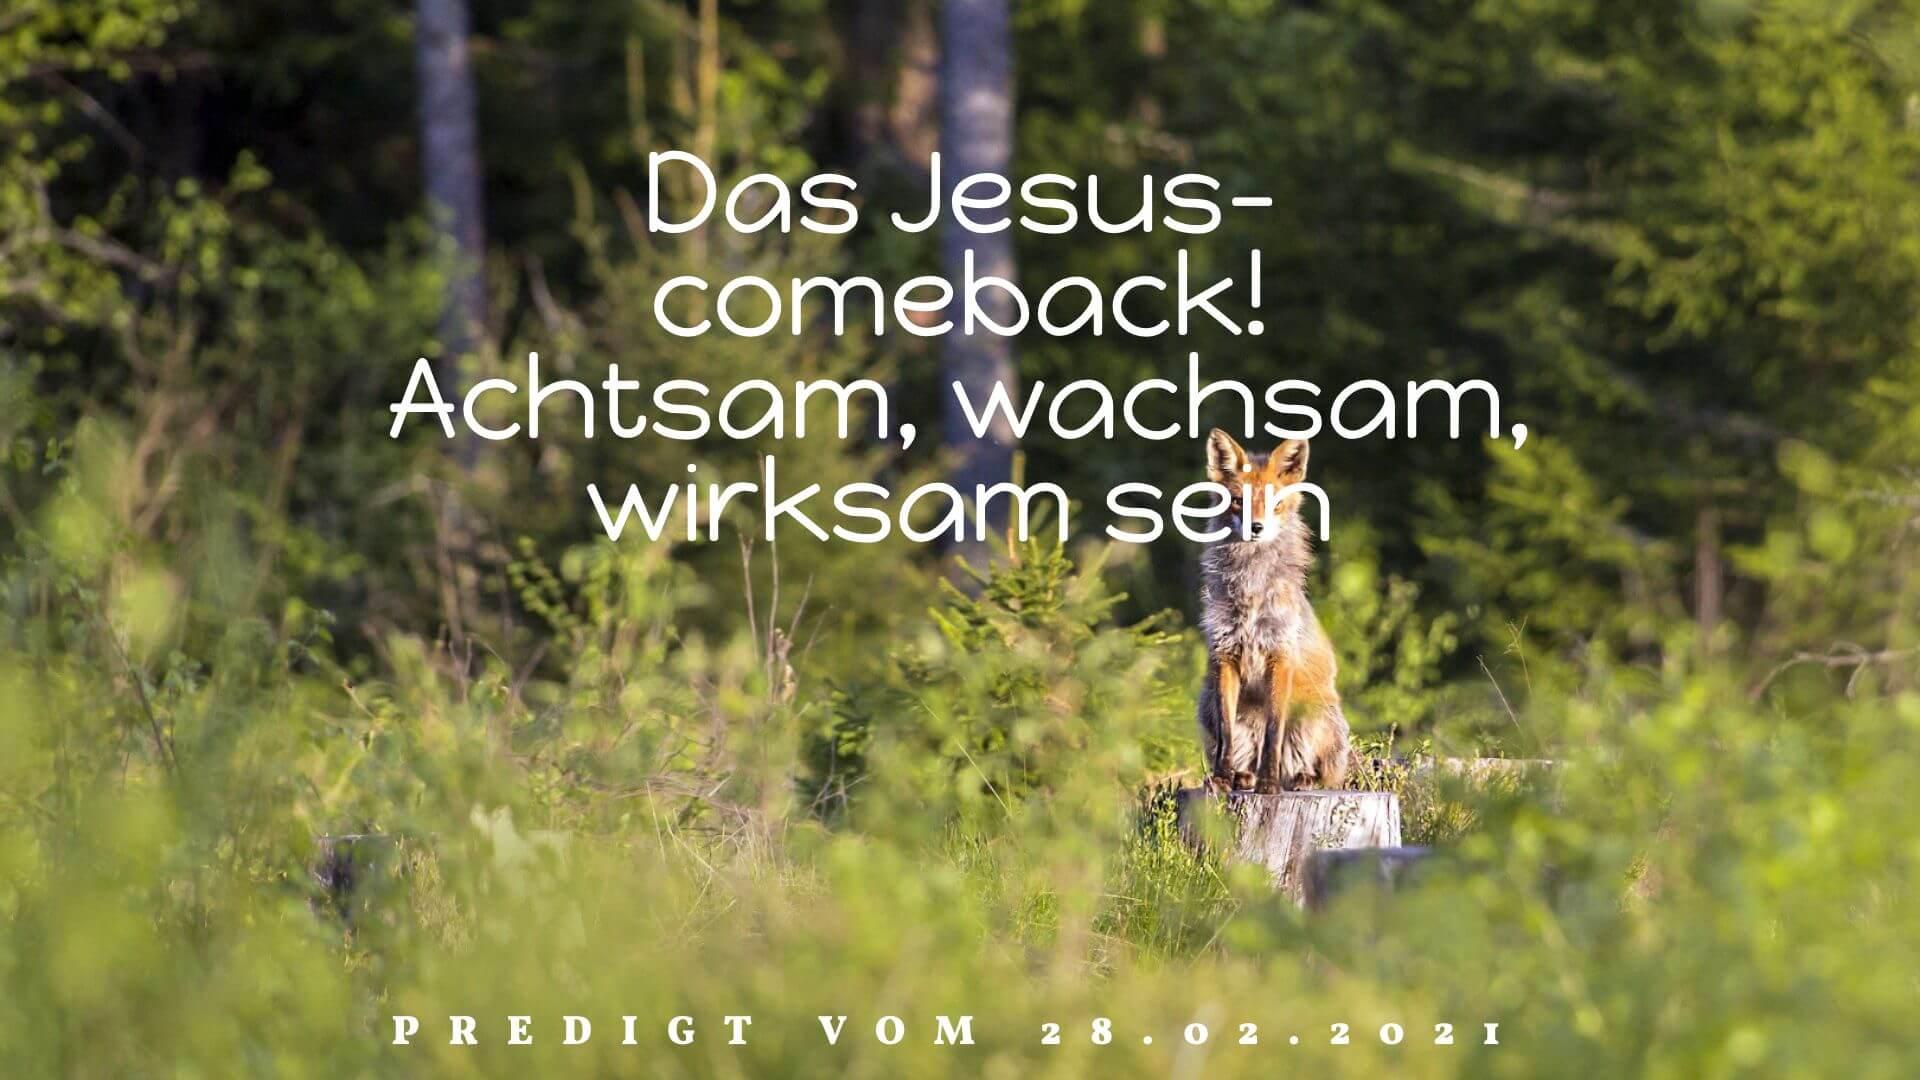 Das Jesus-comeback! Achtsam, wachsam, wirksam sein. Predigt vom 28.02.2021